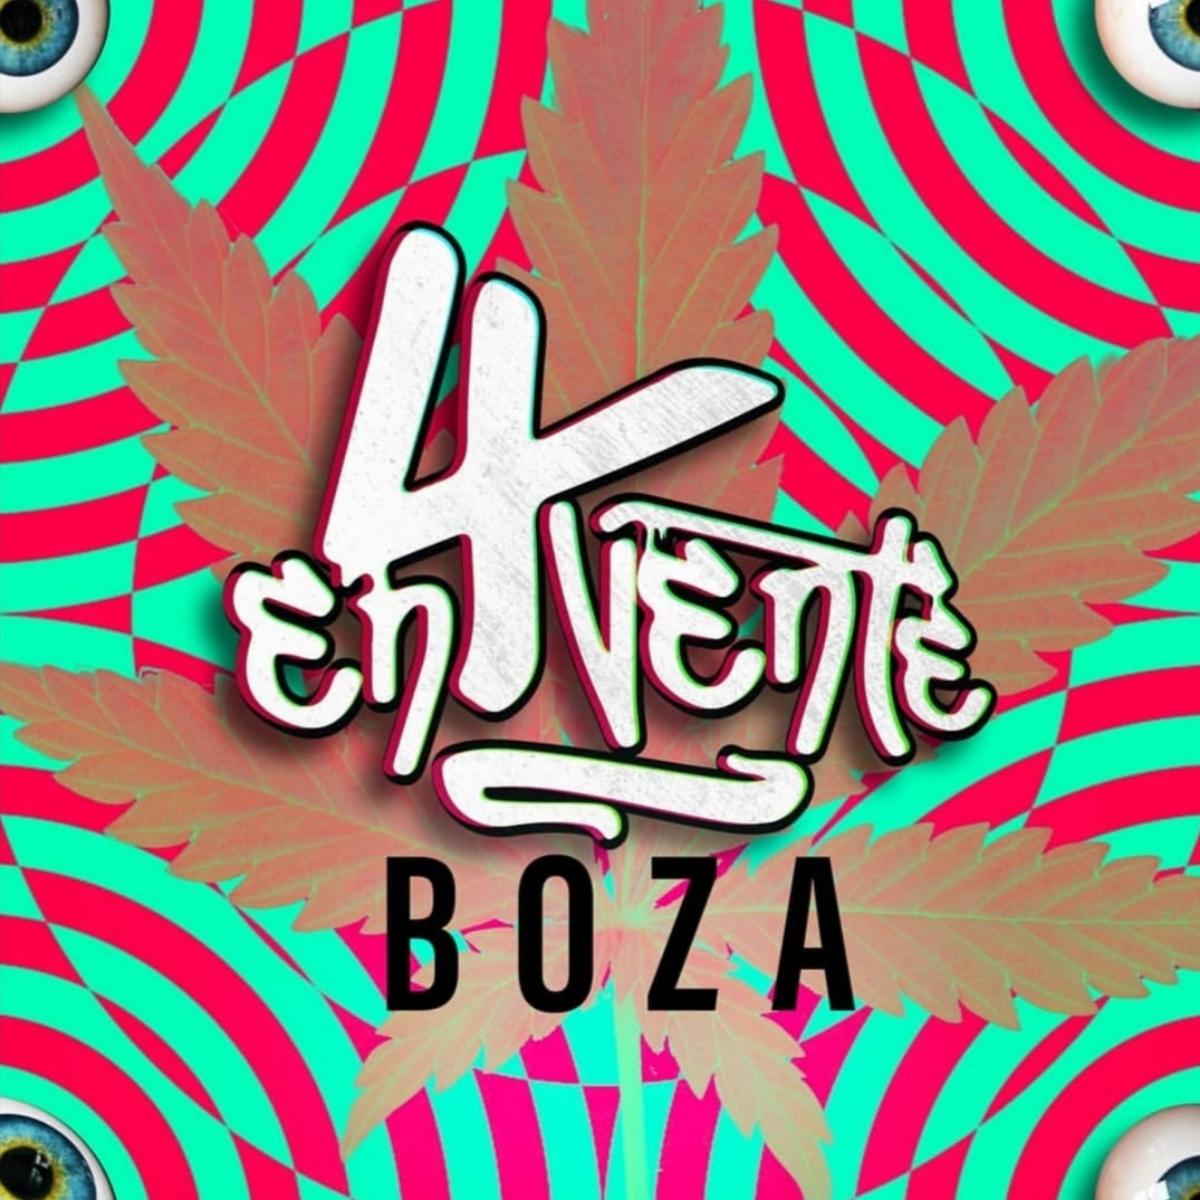 Boza - En 4 Vente